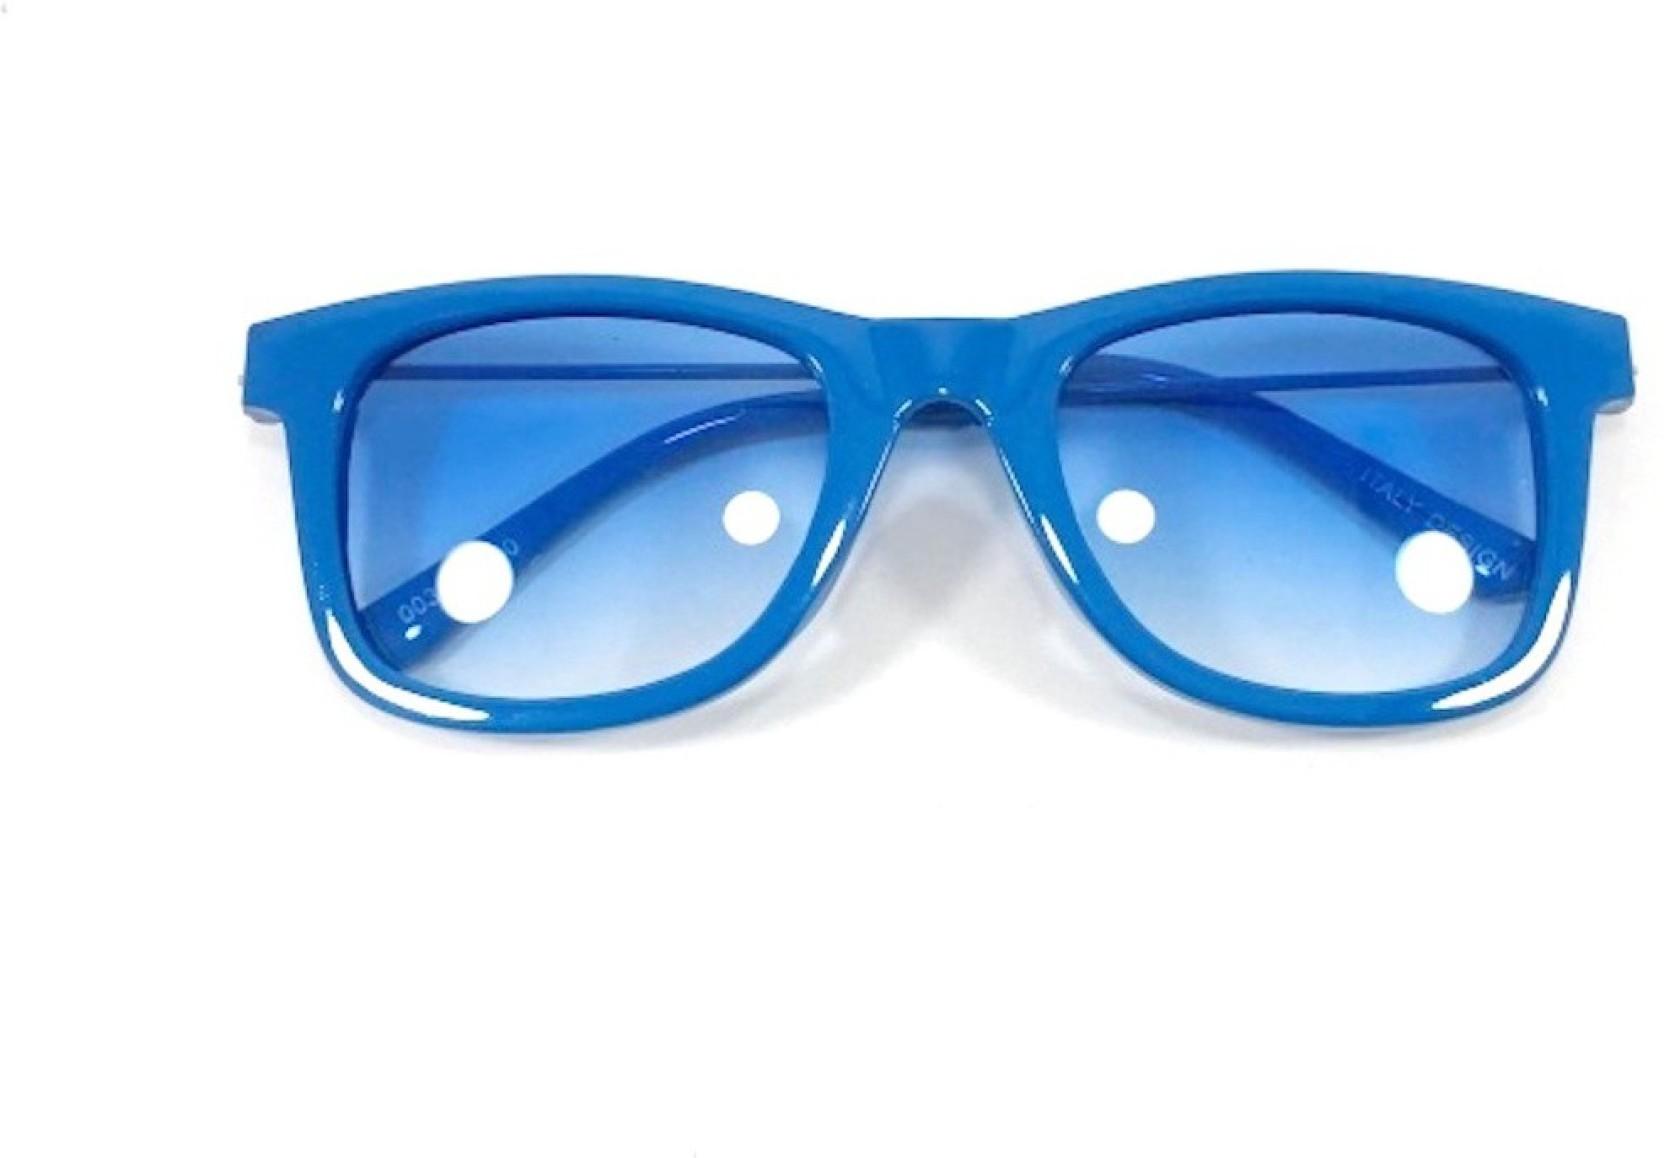 999fead7c43 Buy kidofash wayfarer sunglasses blue for boys girls online best jpg  1664x1158 Plain blue sunglasses